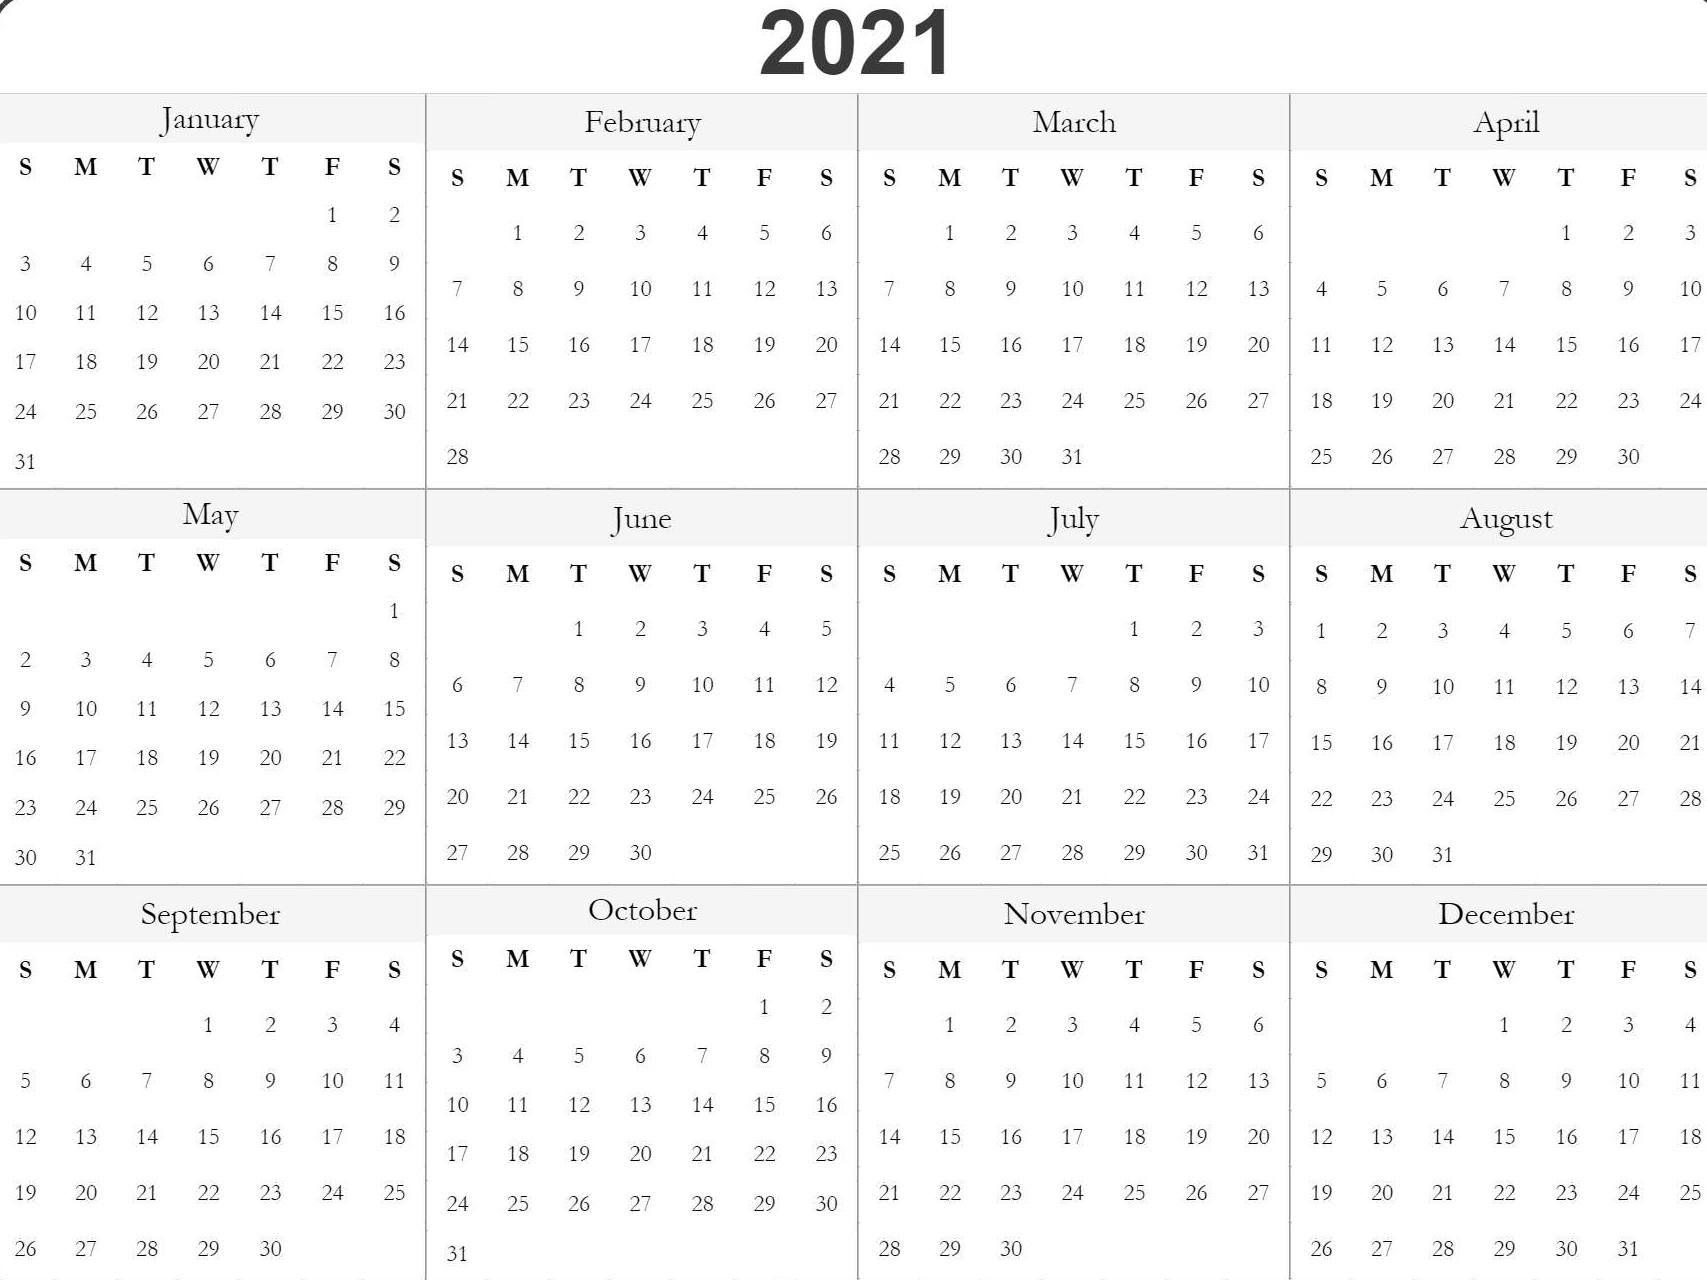 Blank Printable 2021 Calendar Template In 2020 | Free